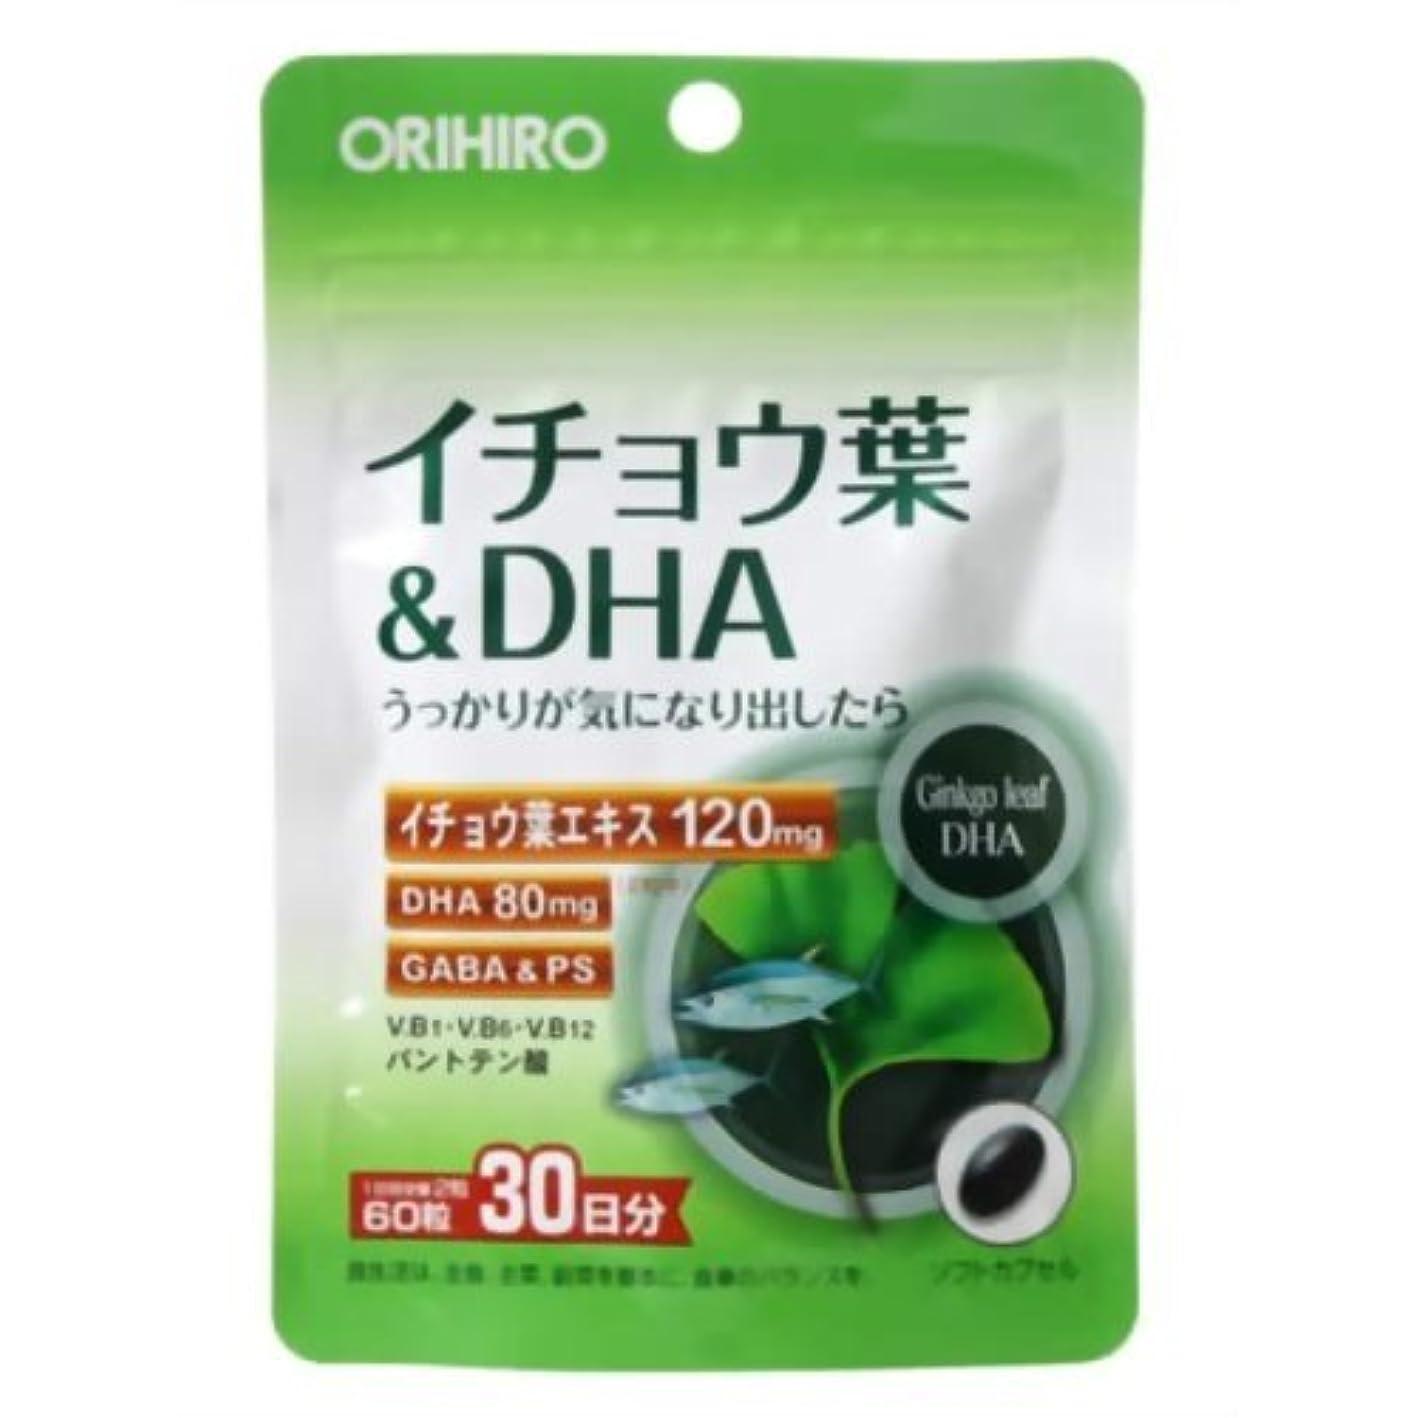 是正多年生ズームオリヒロ イチョウ葉&DHA 60粒